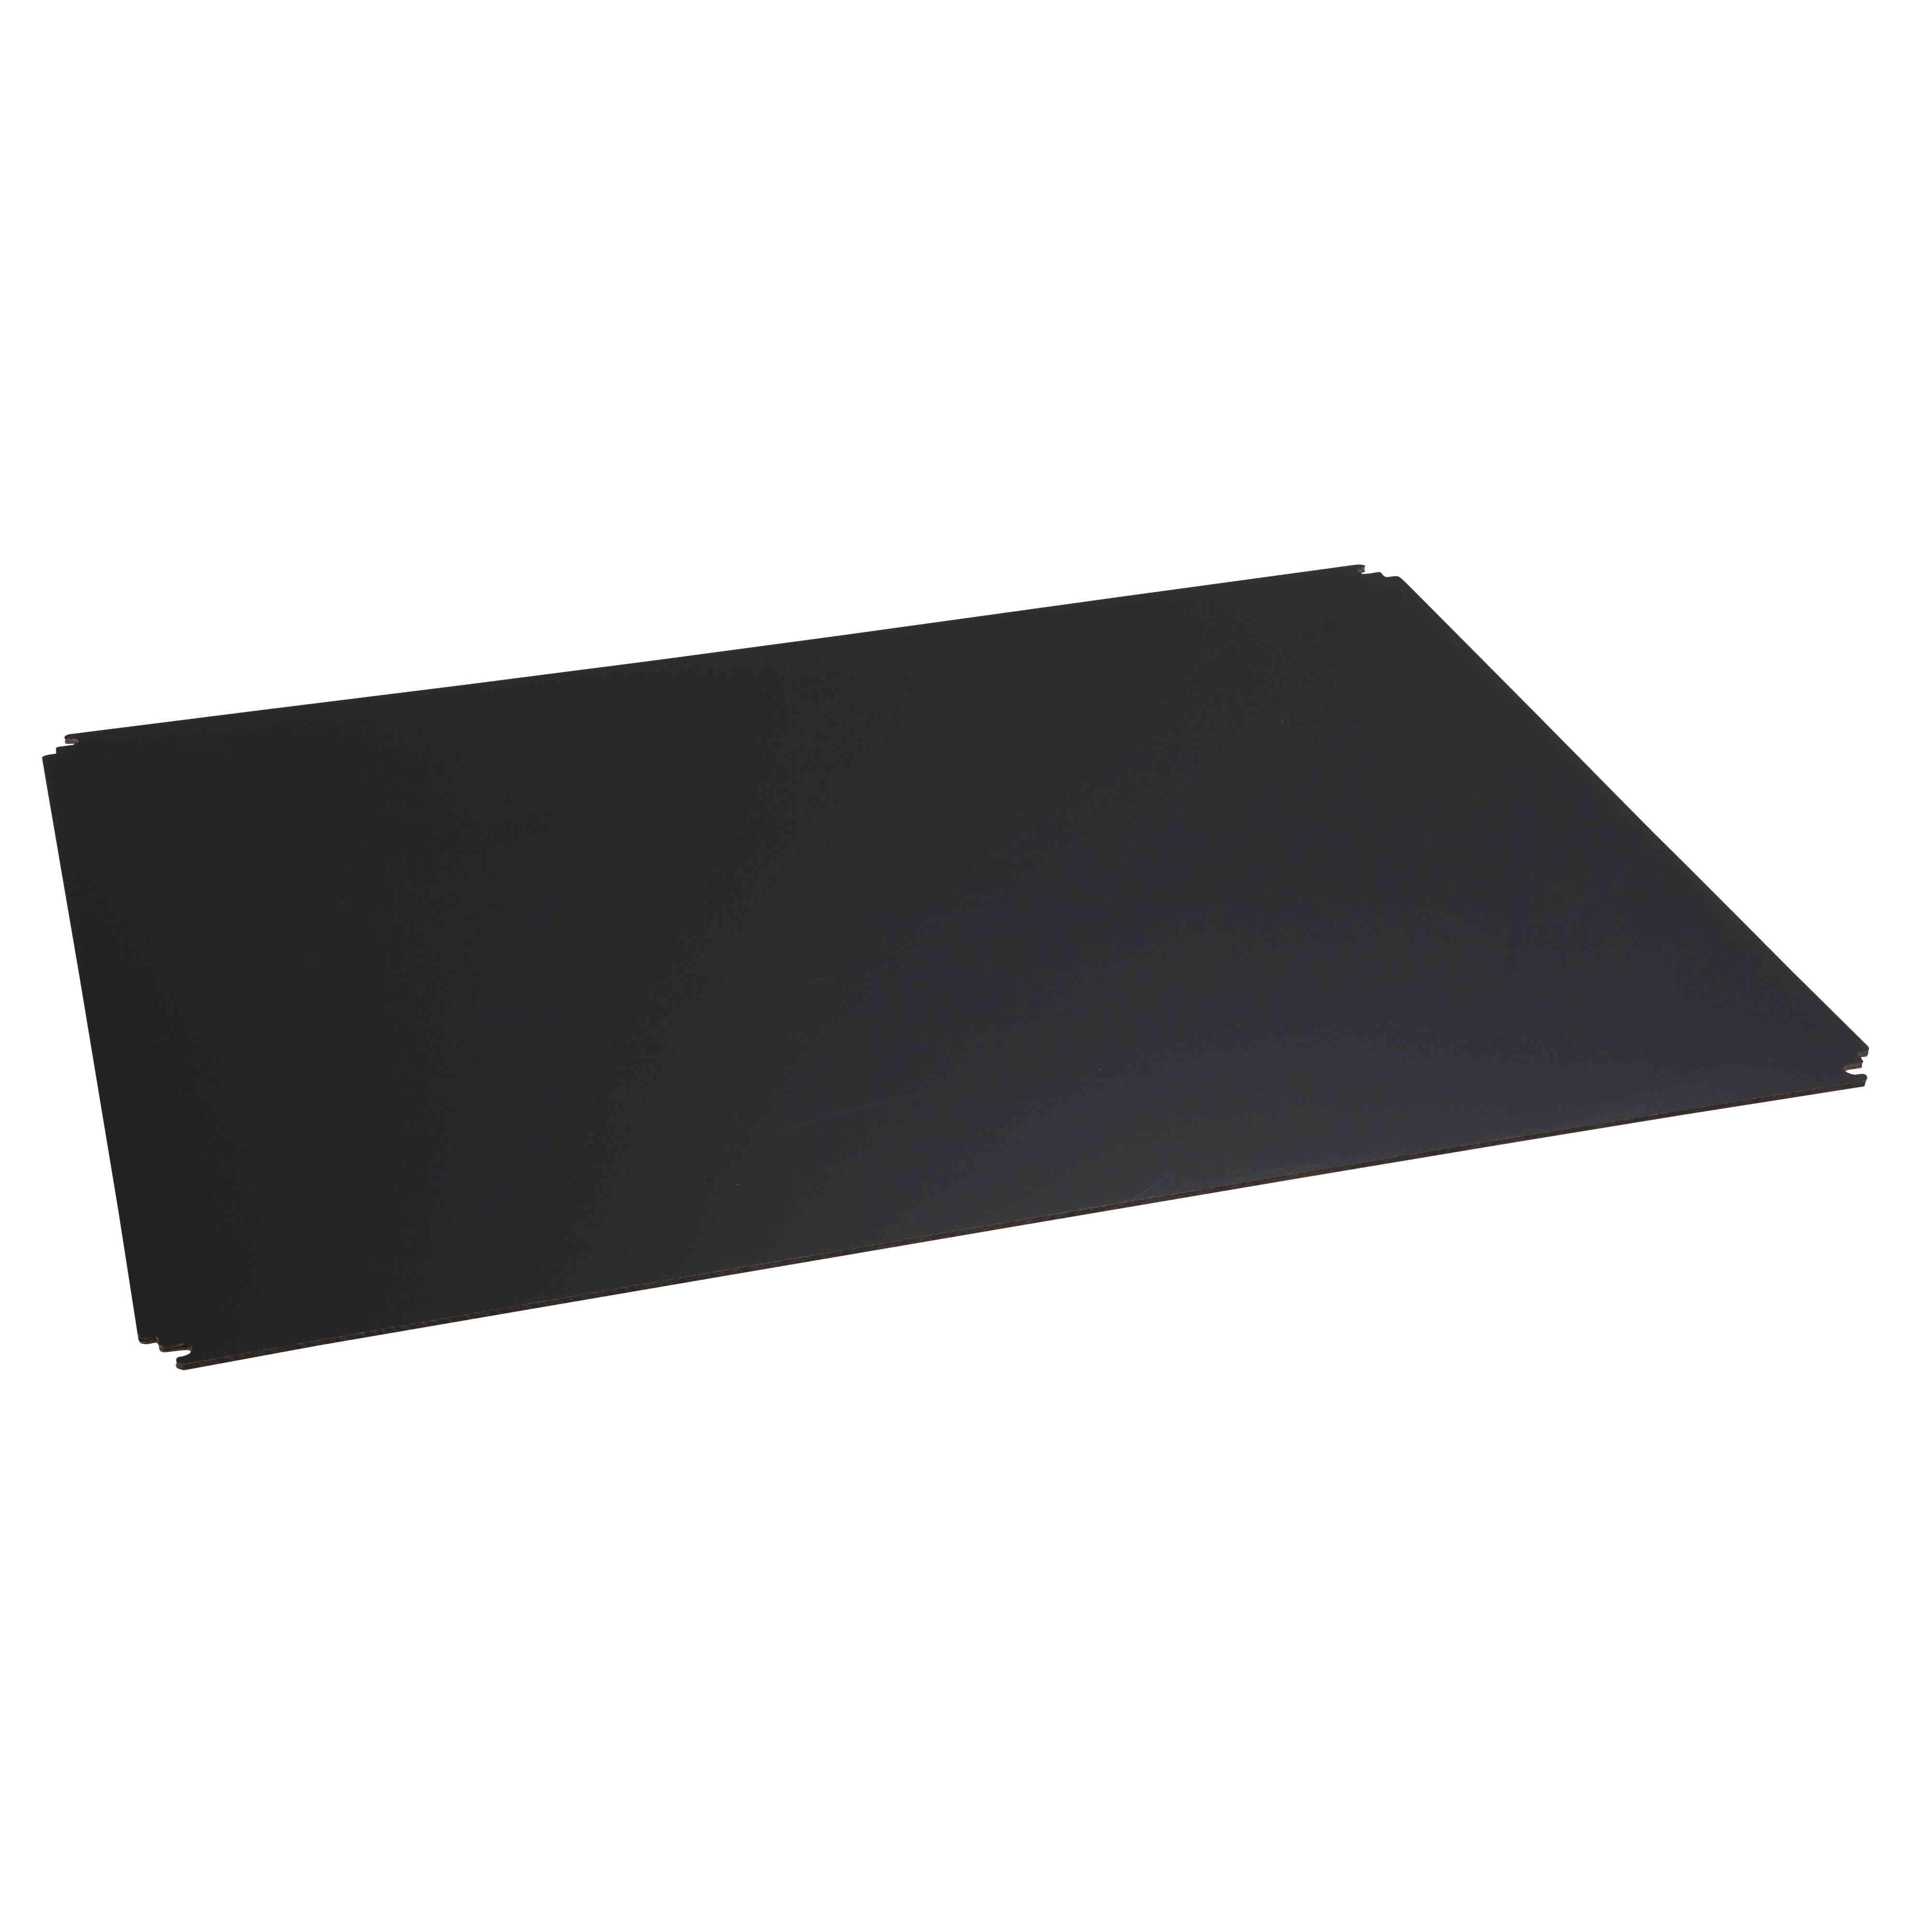 Izolacijska montažna plošča za omaro V 300 x Š 250 mm iz bakelita